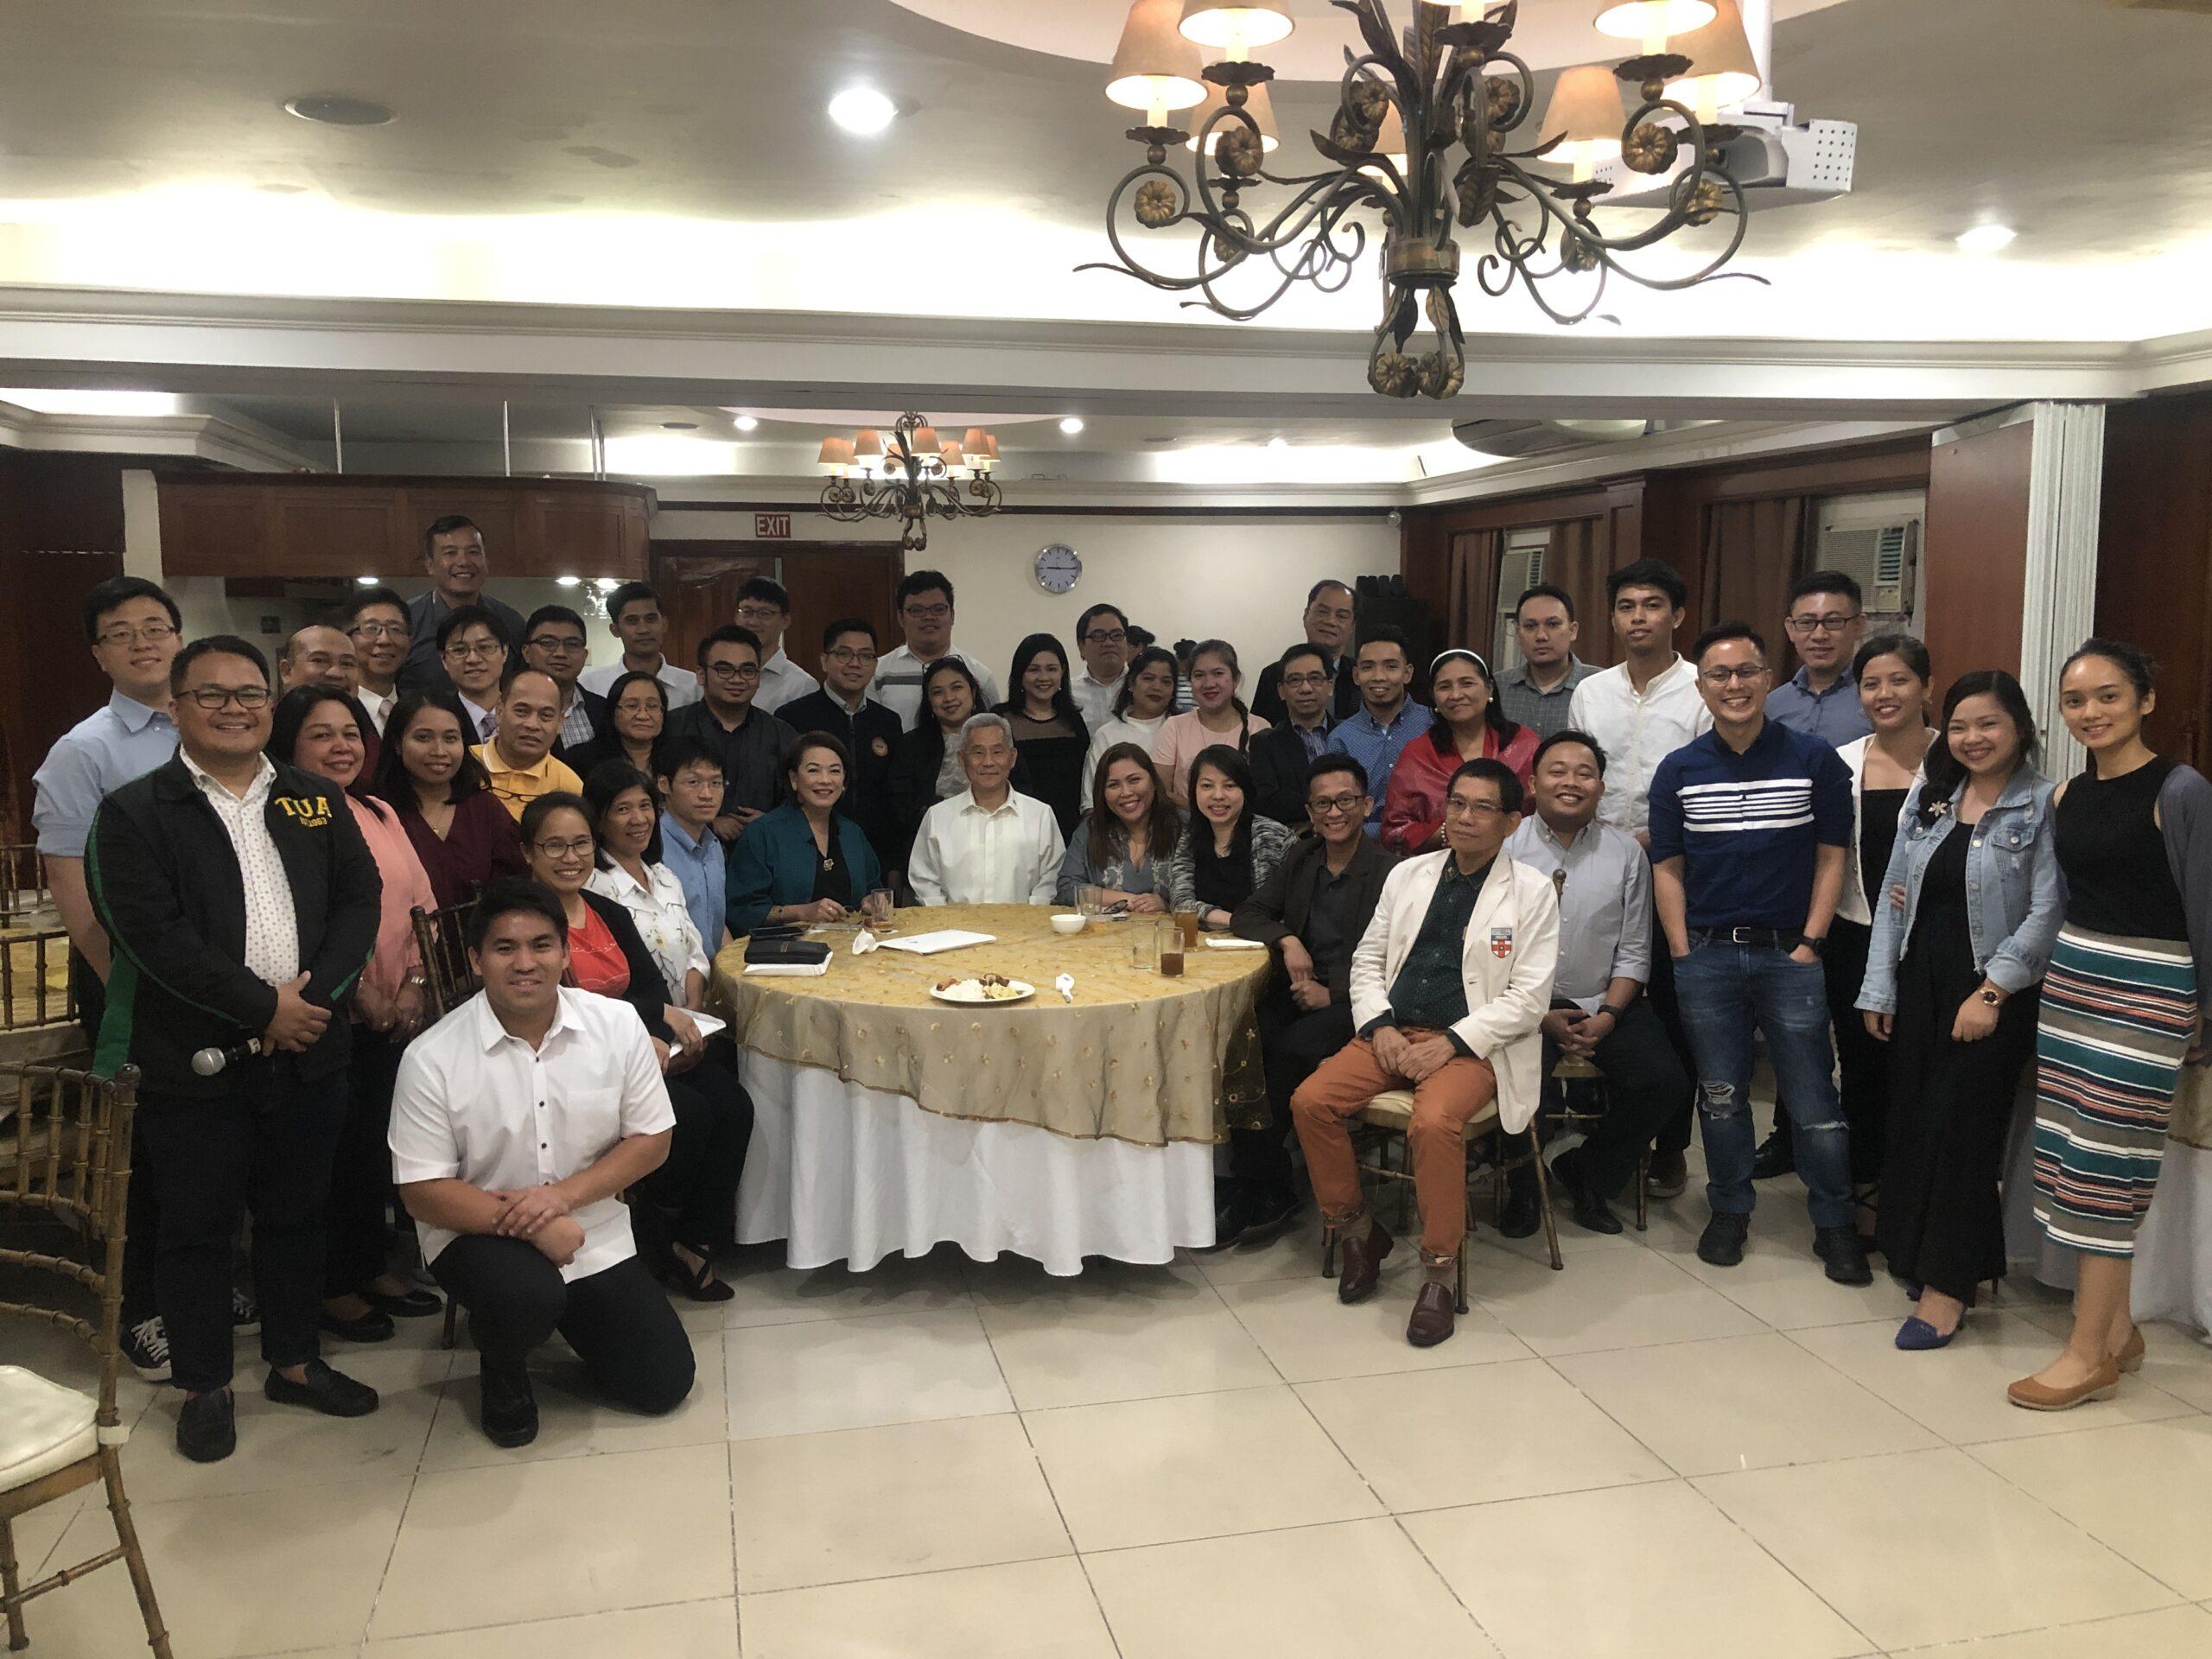 2019 Taiwan Alumni Dinner